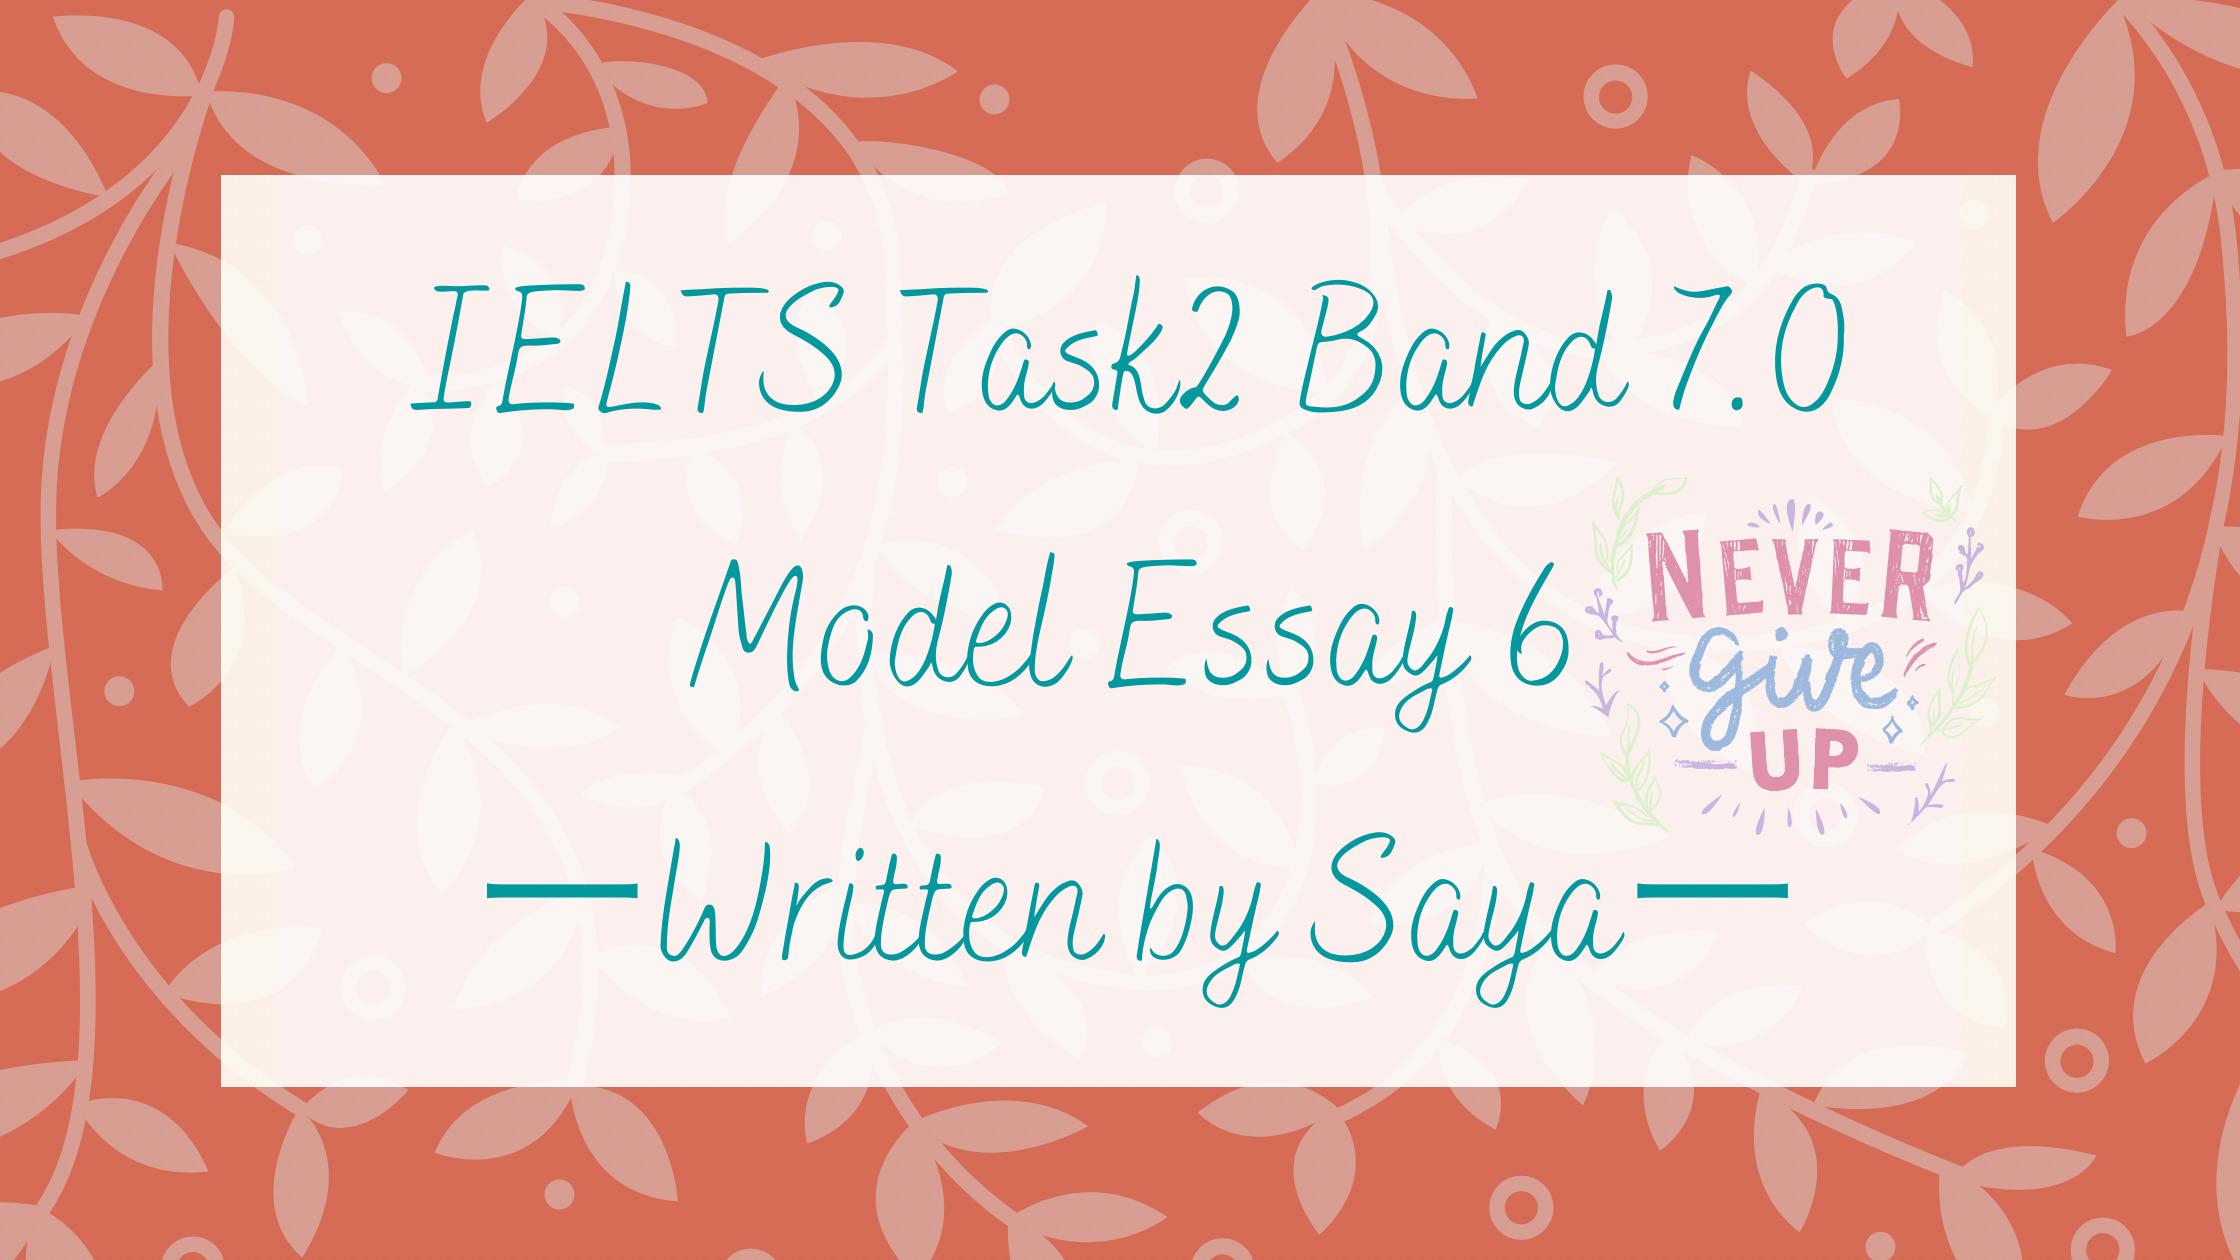 Model essay6